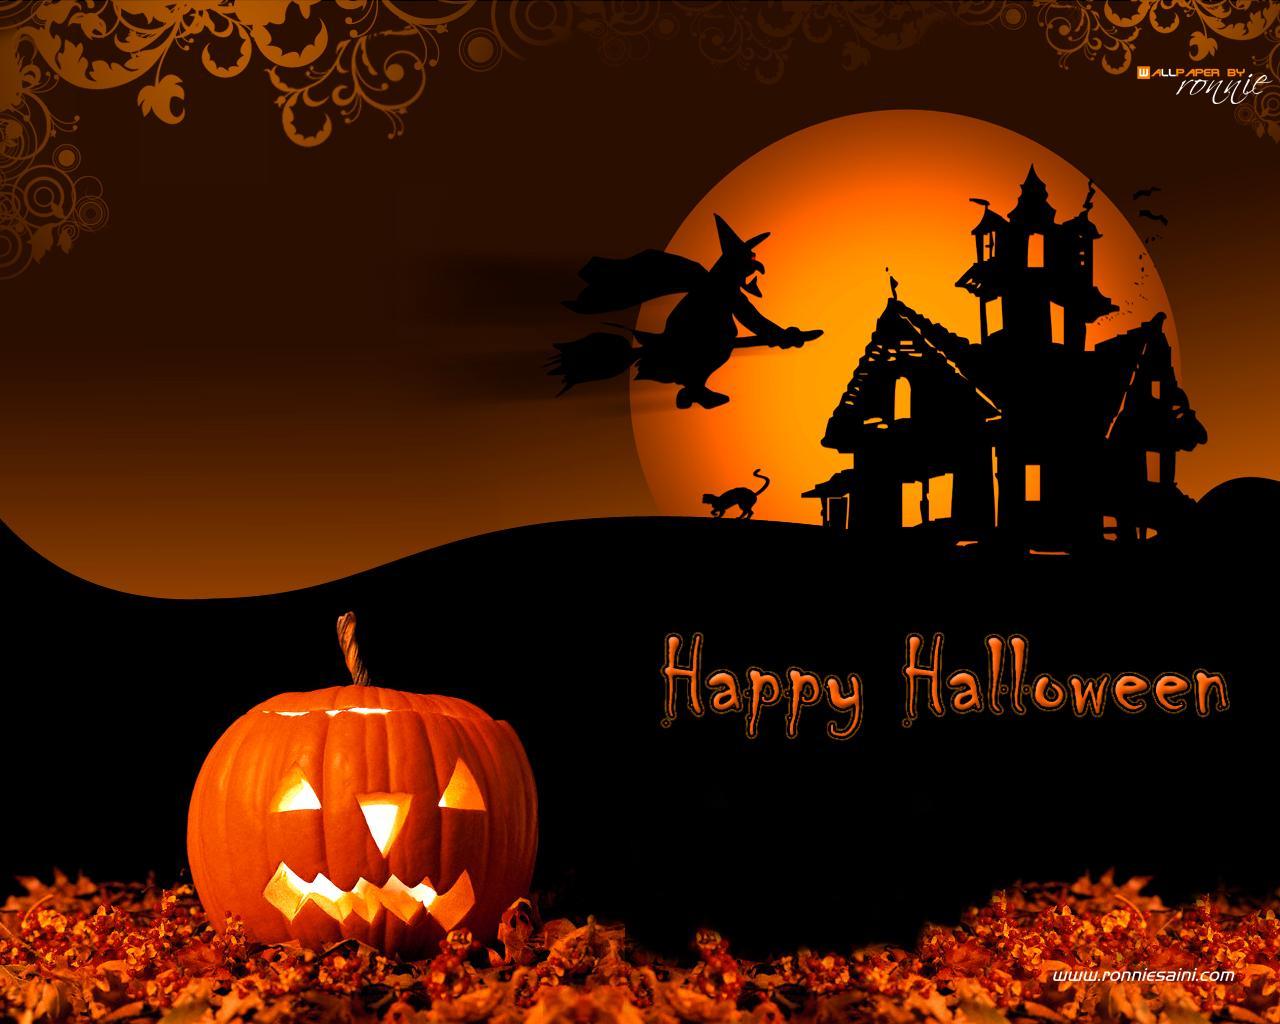 Wallpaper 2014 Halloween Pumpkin Wallpaper 1280x1024